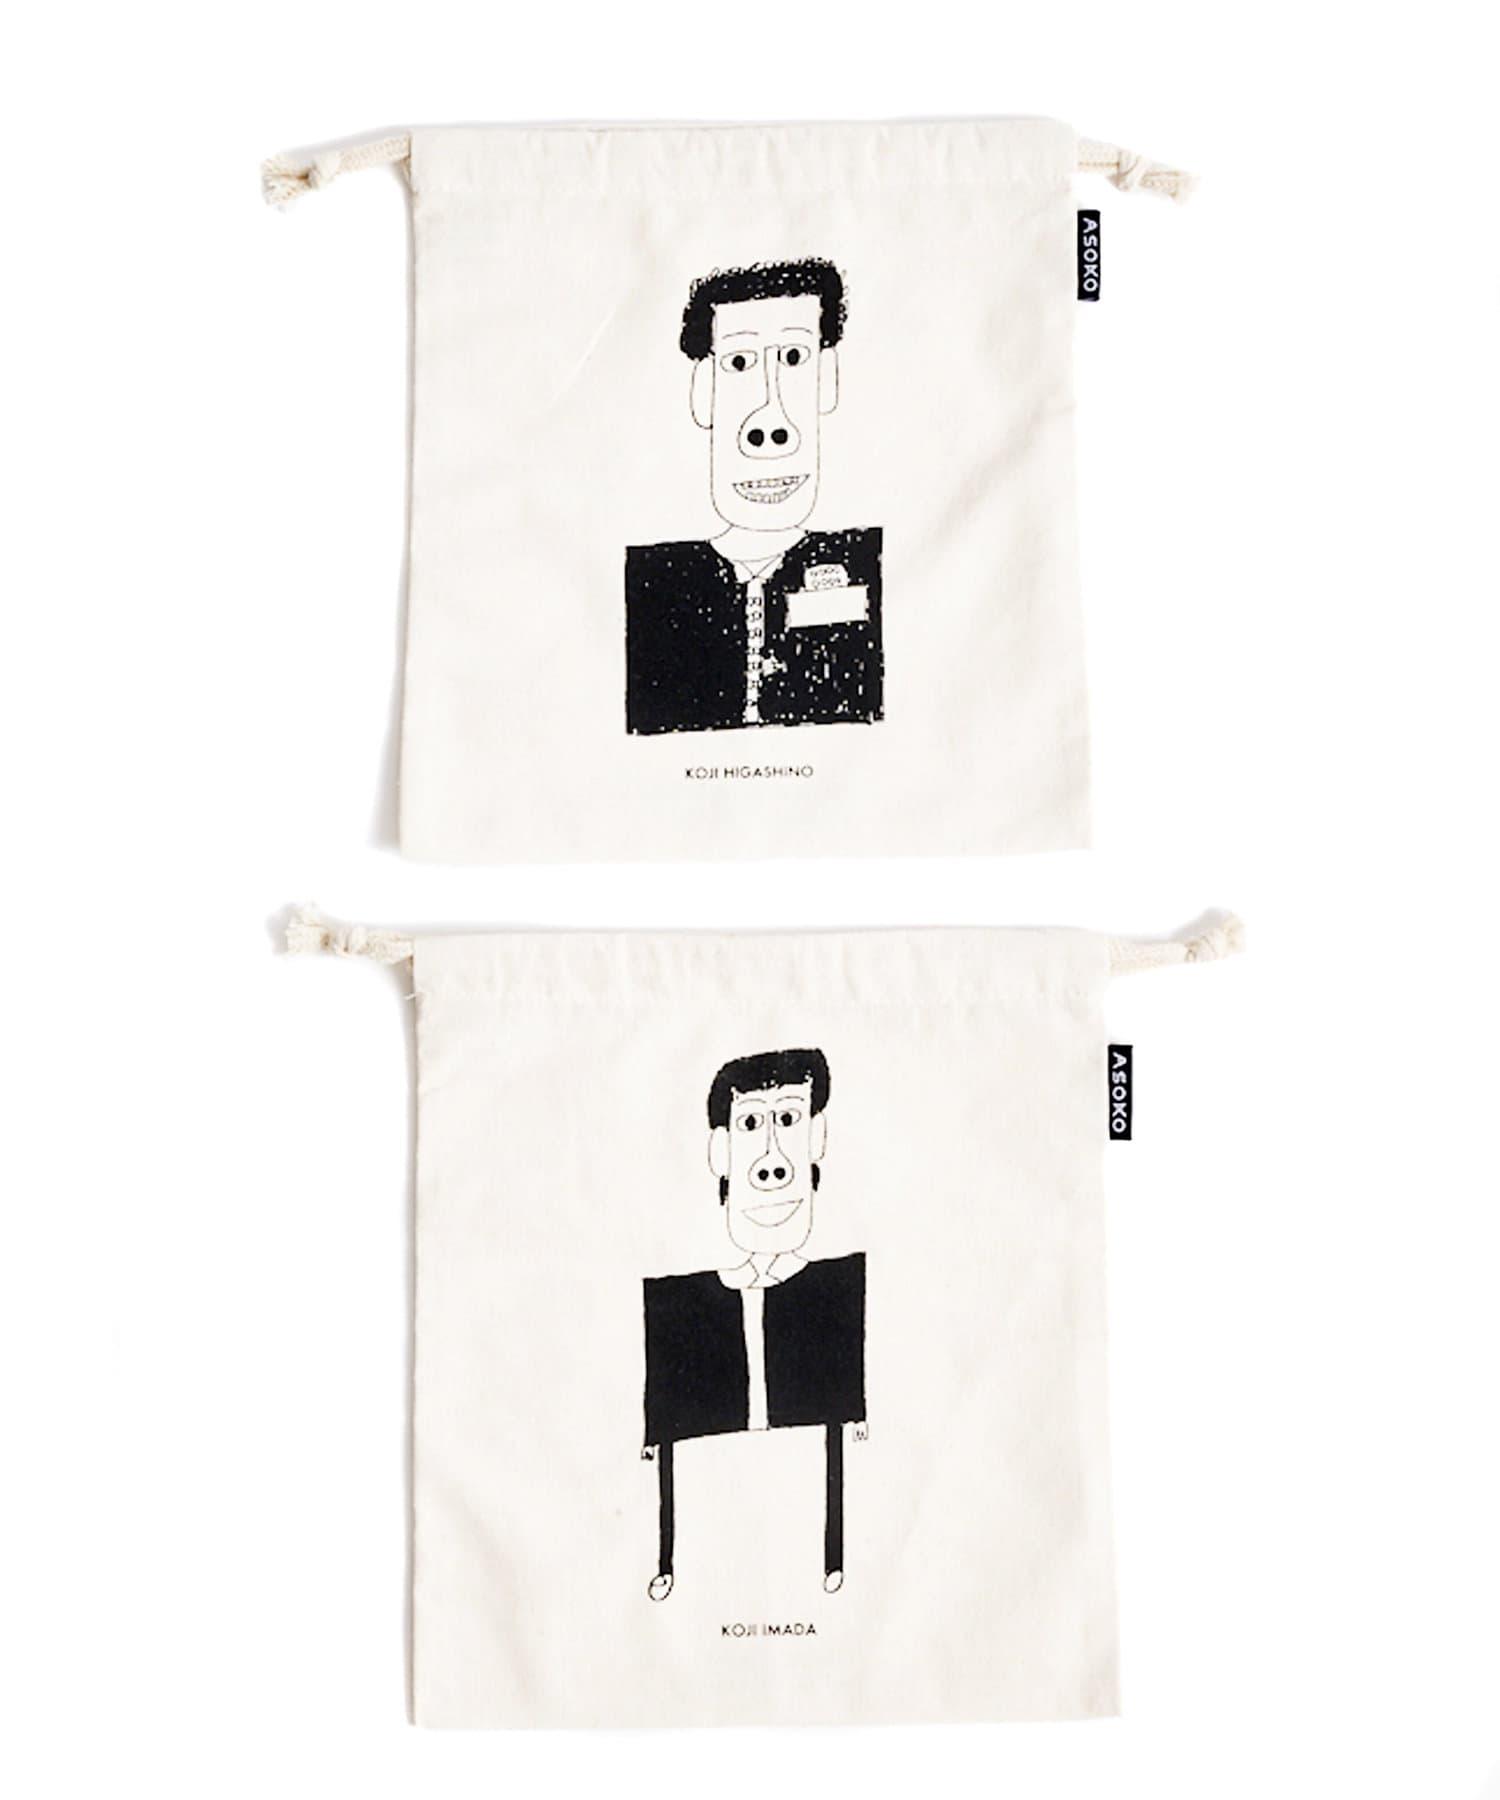 ASOKO(アソコ) ライフスタイル 【YOSHIMOTO】巾着2枚セット<DARE?> その他1